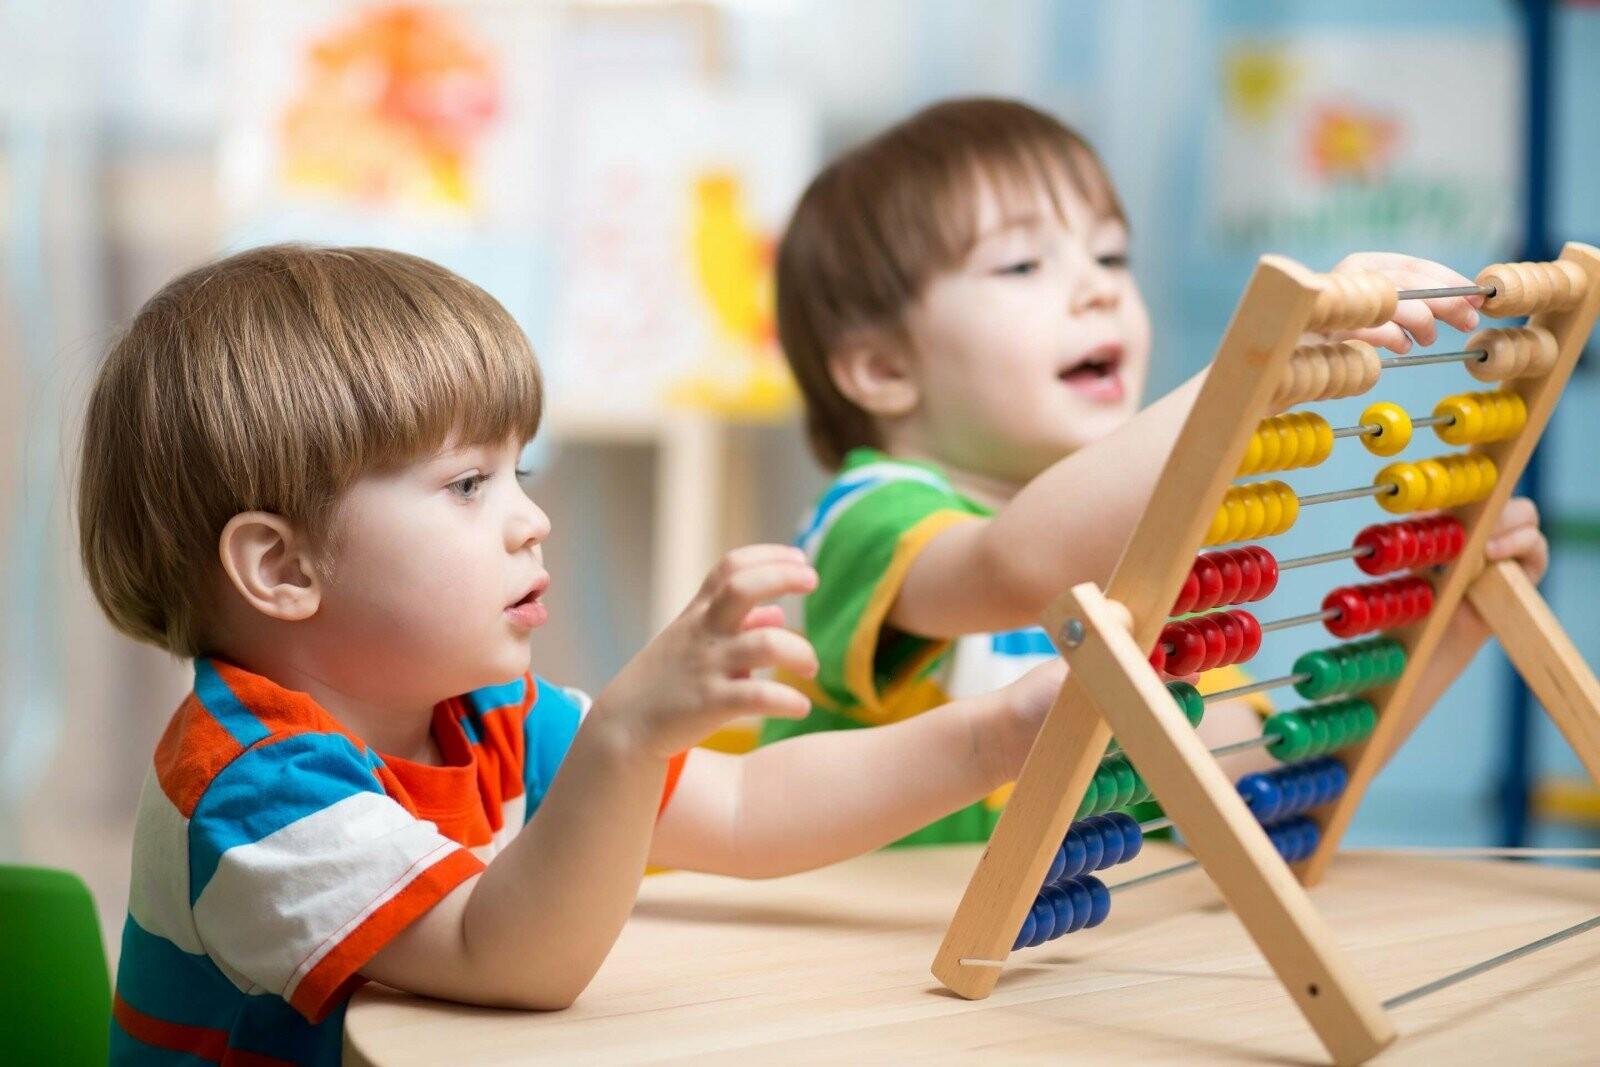 діти вчаться рахувати